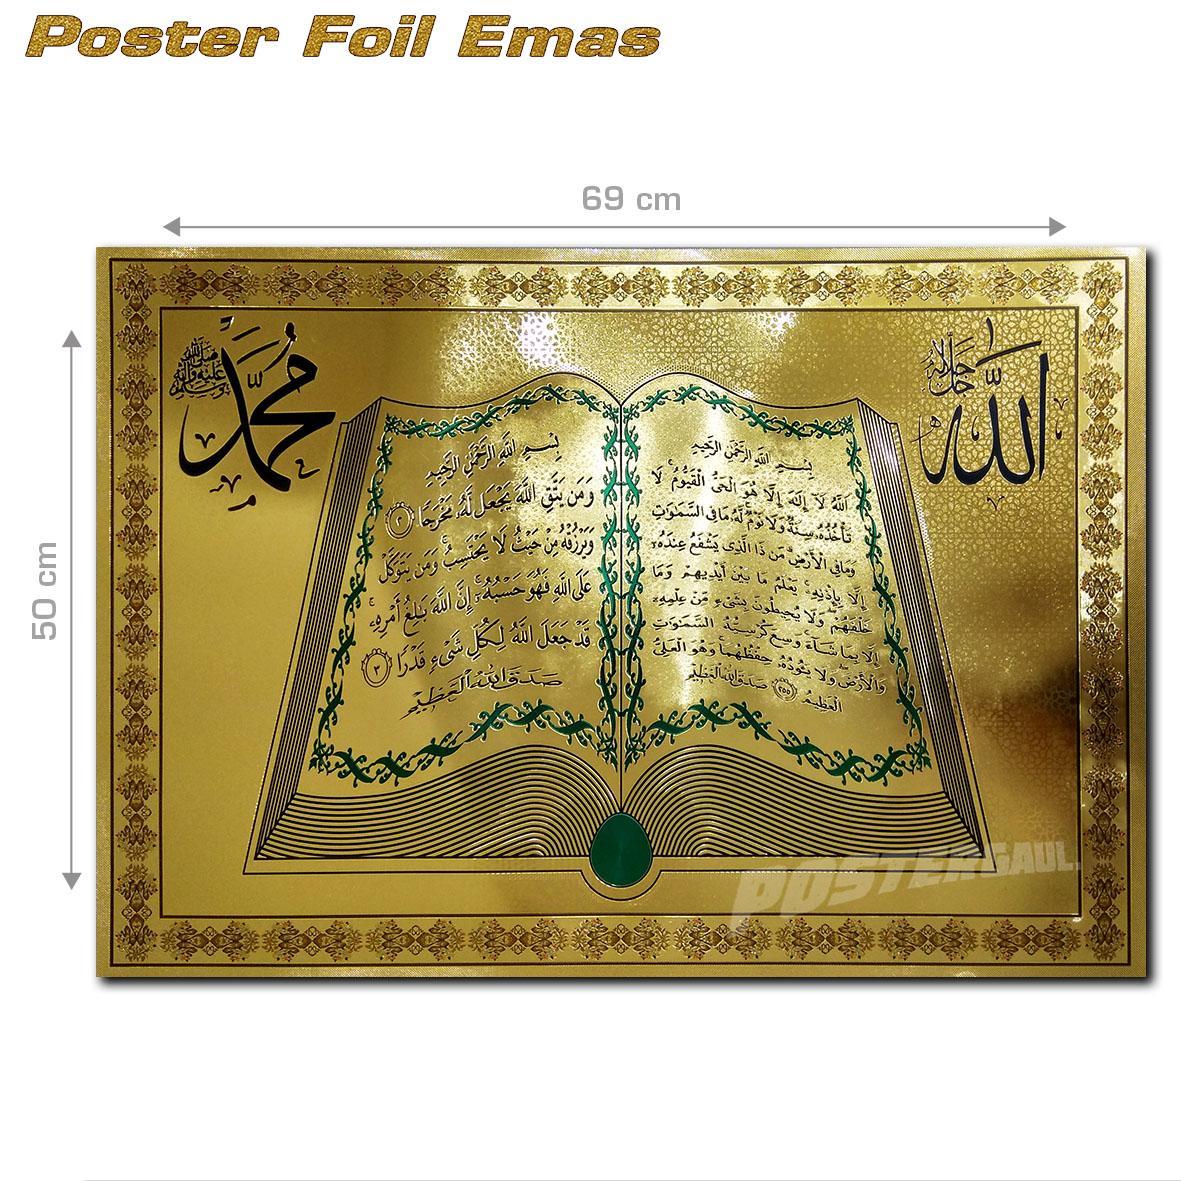 Poster Foil Emas Jumbo KALIGRAFI ISLAM: LAFADZ ALLAH/MUHAMMAD - AYAT 1000 DINAR -